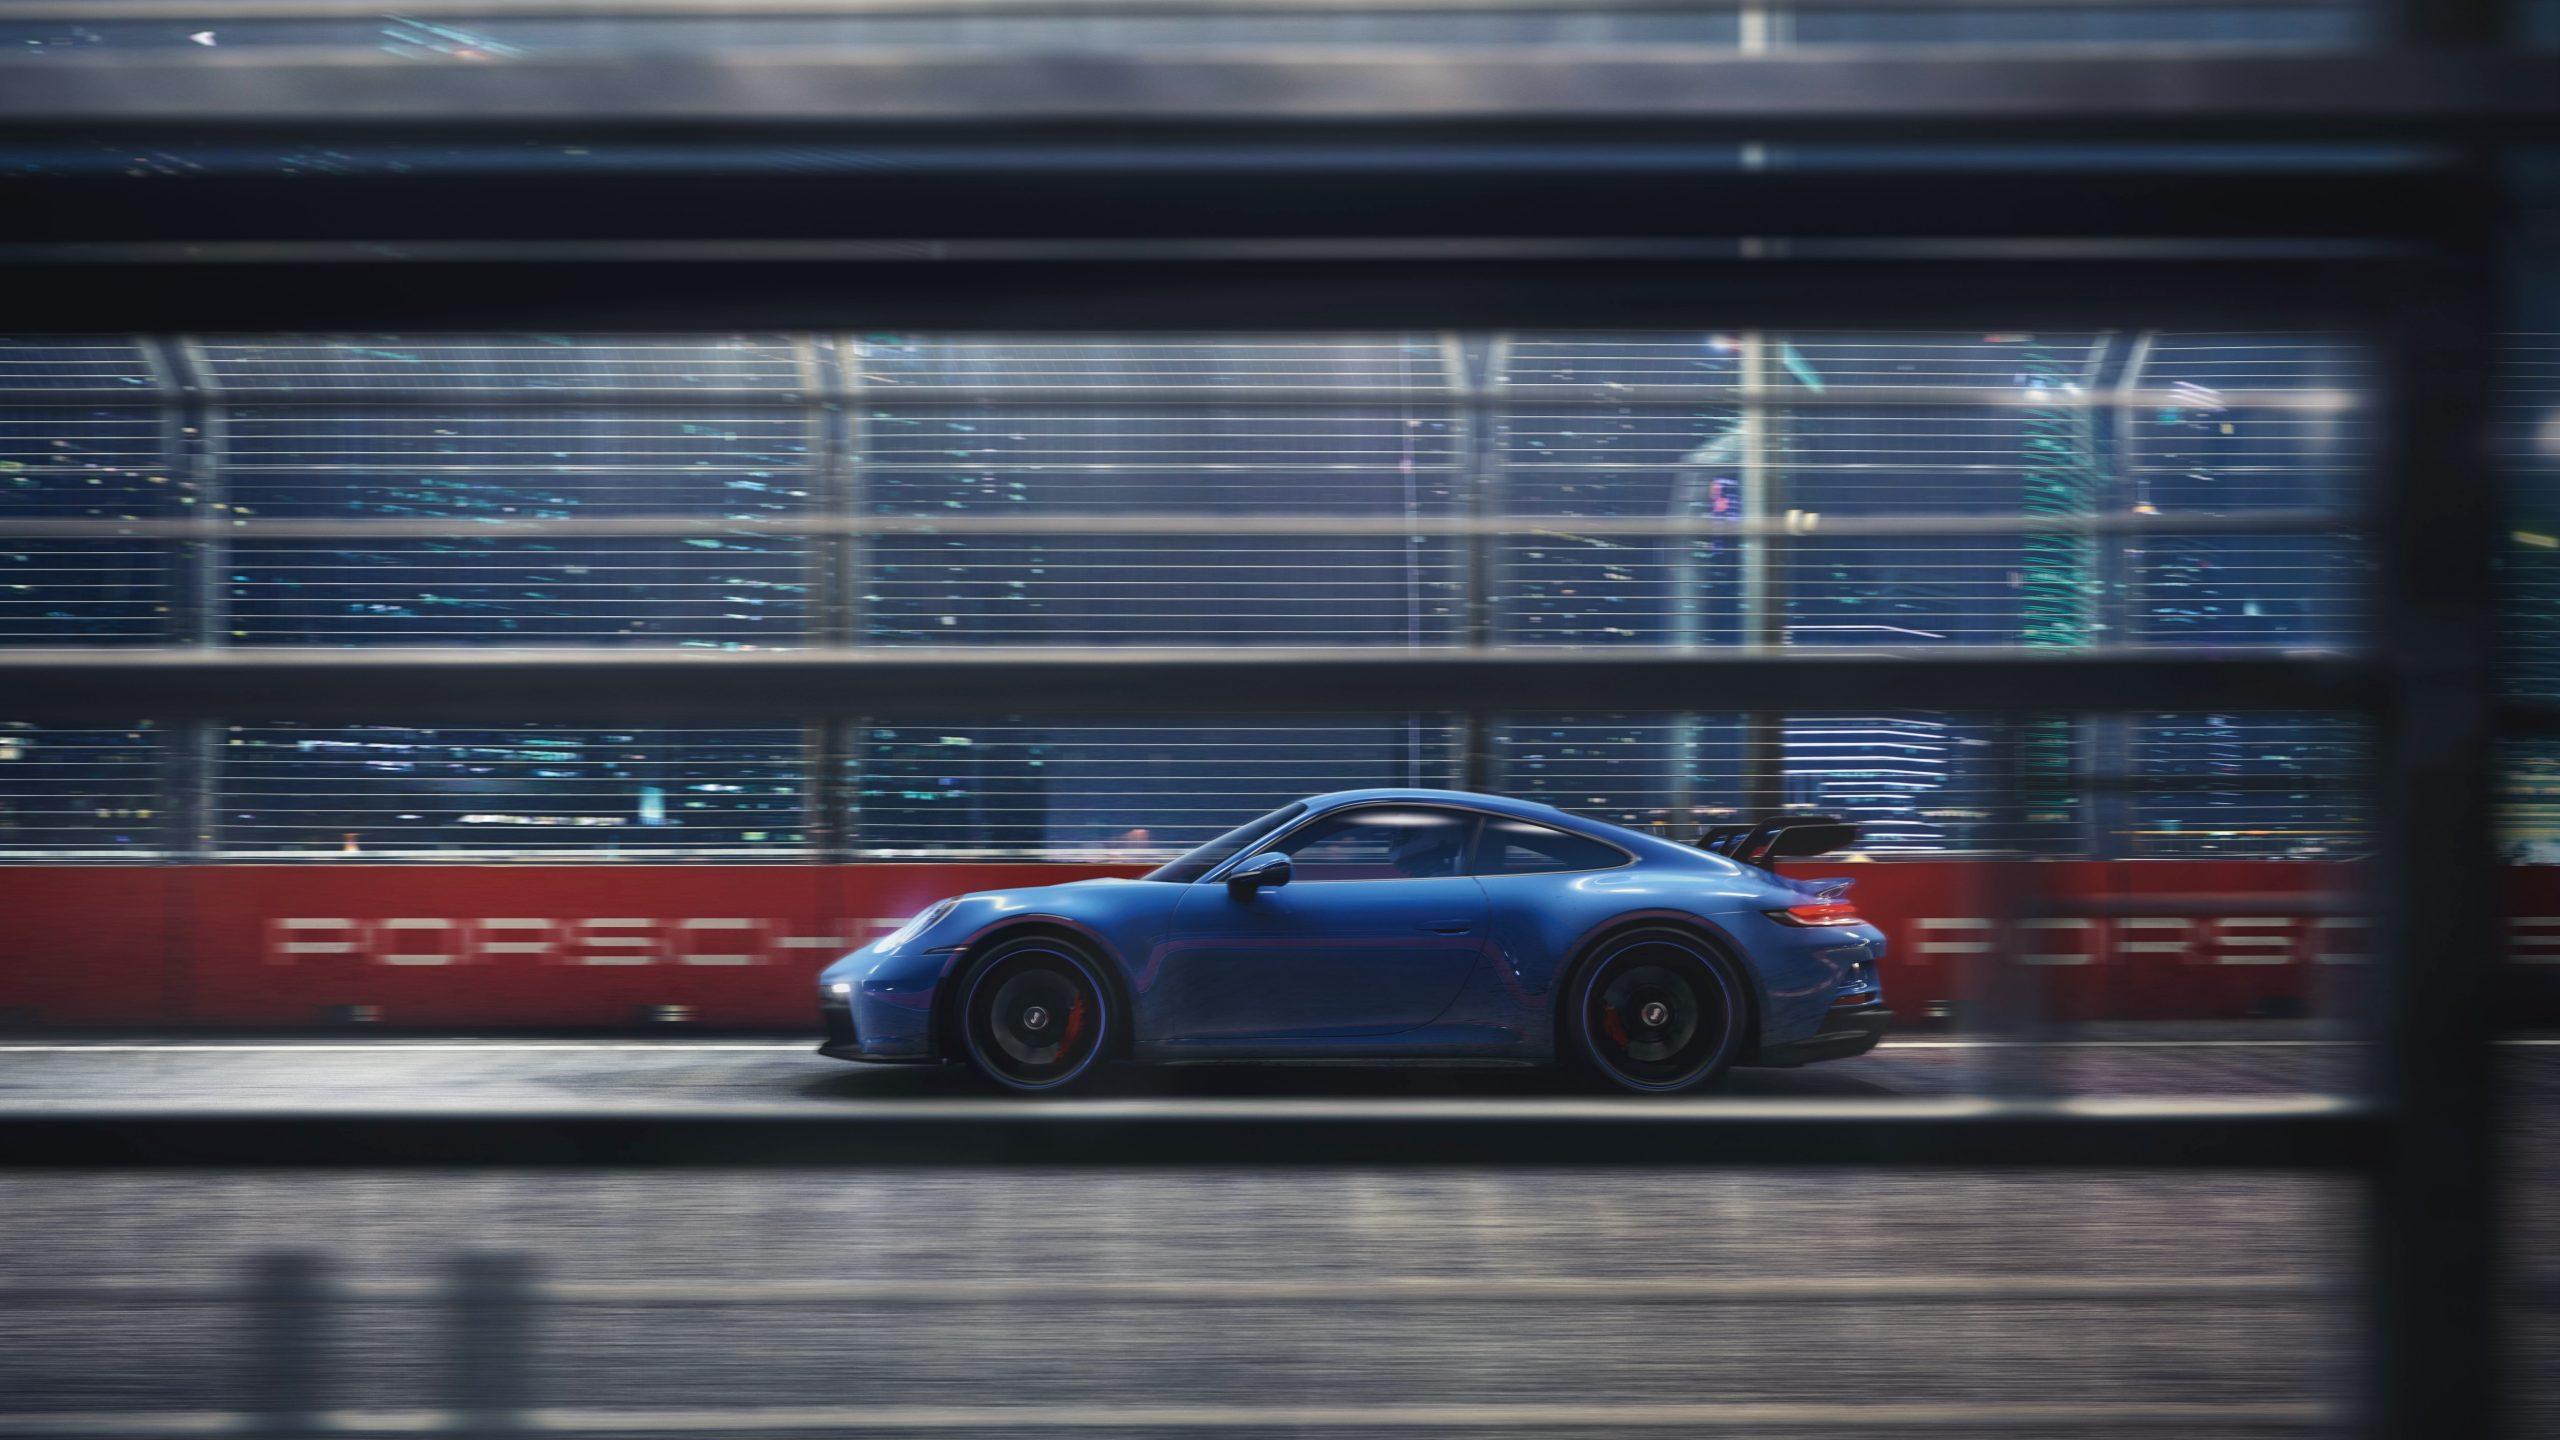 Fantastični doživljaj vožnje na četiri kotača - Porsche 911 GT3 / Foto Porsche